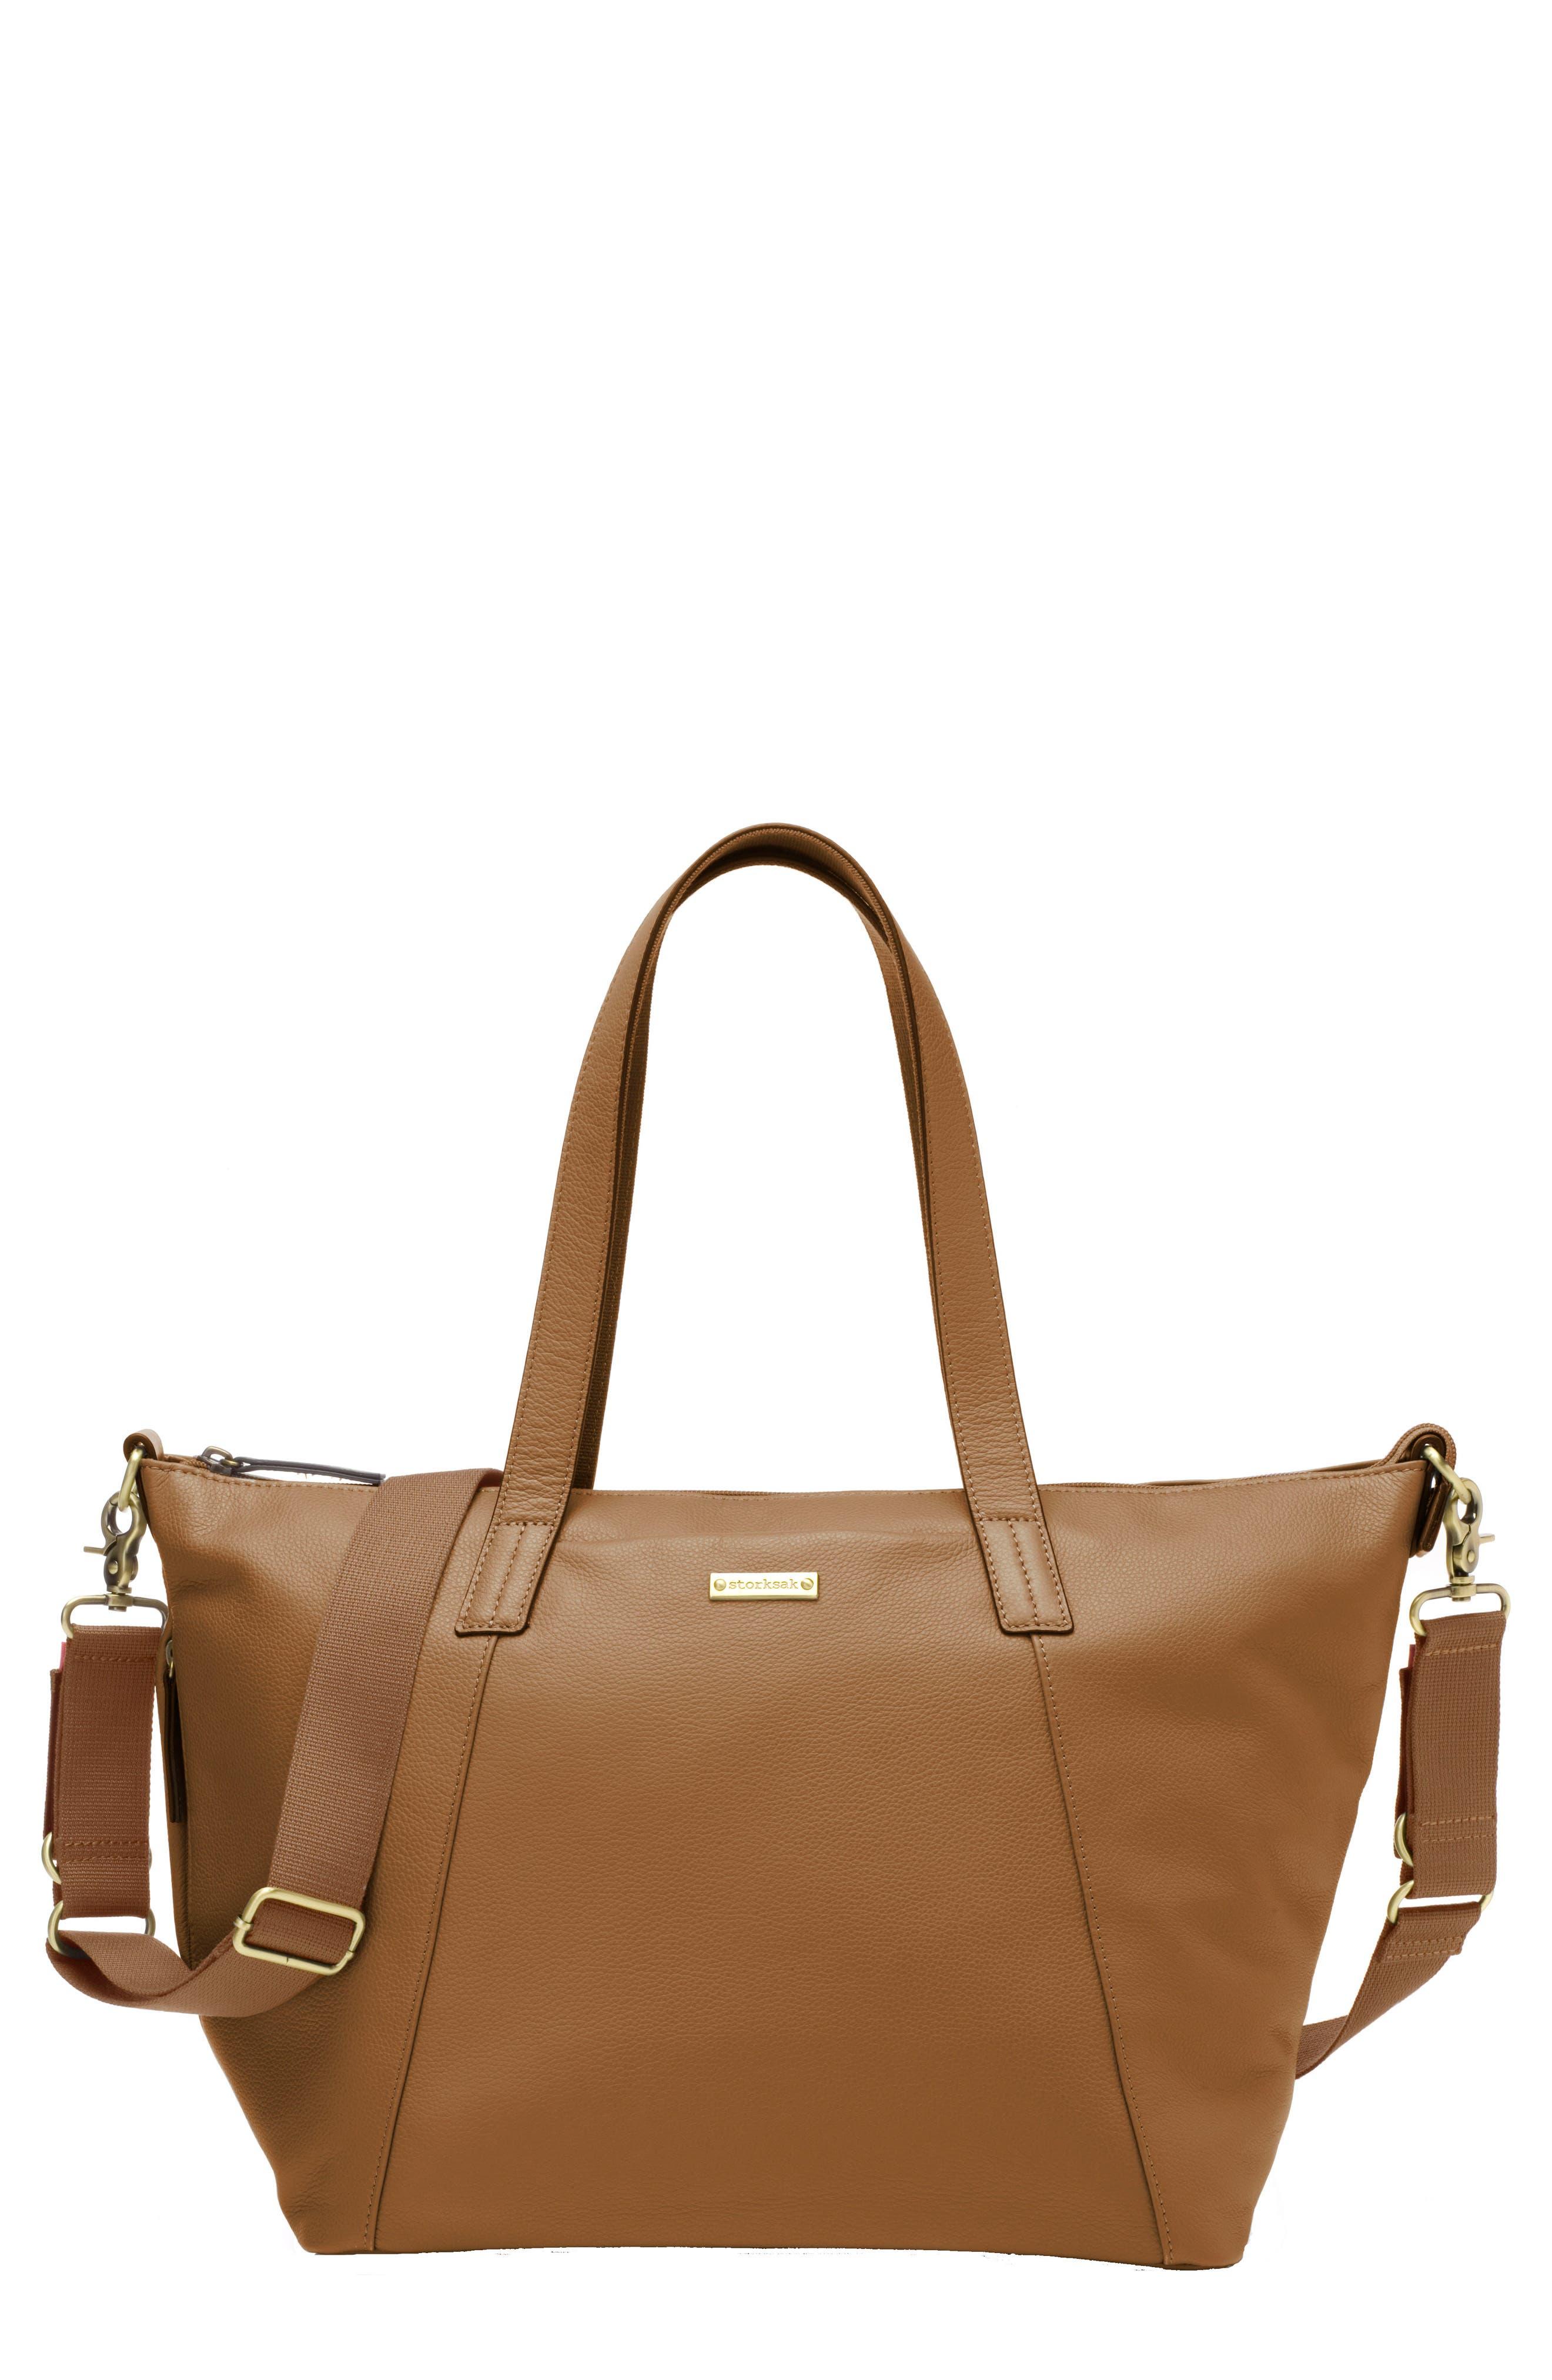 Main Image - Storksak NOA Leather Diaper Bag